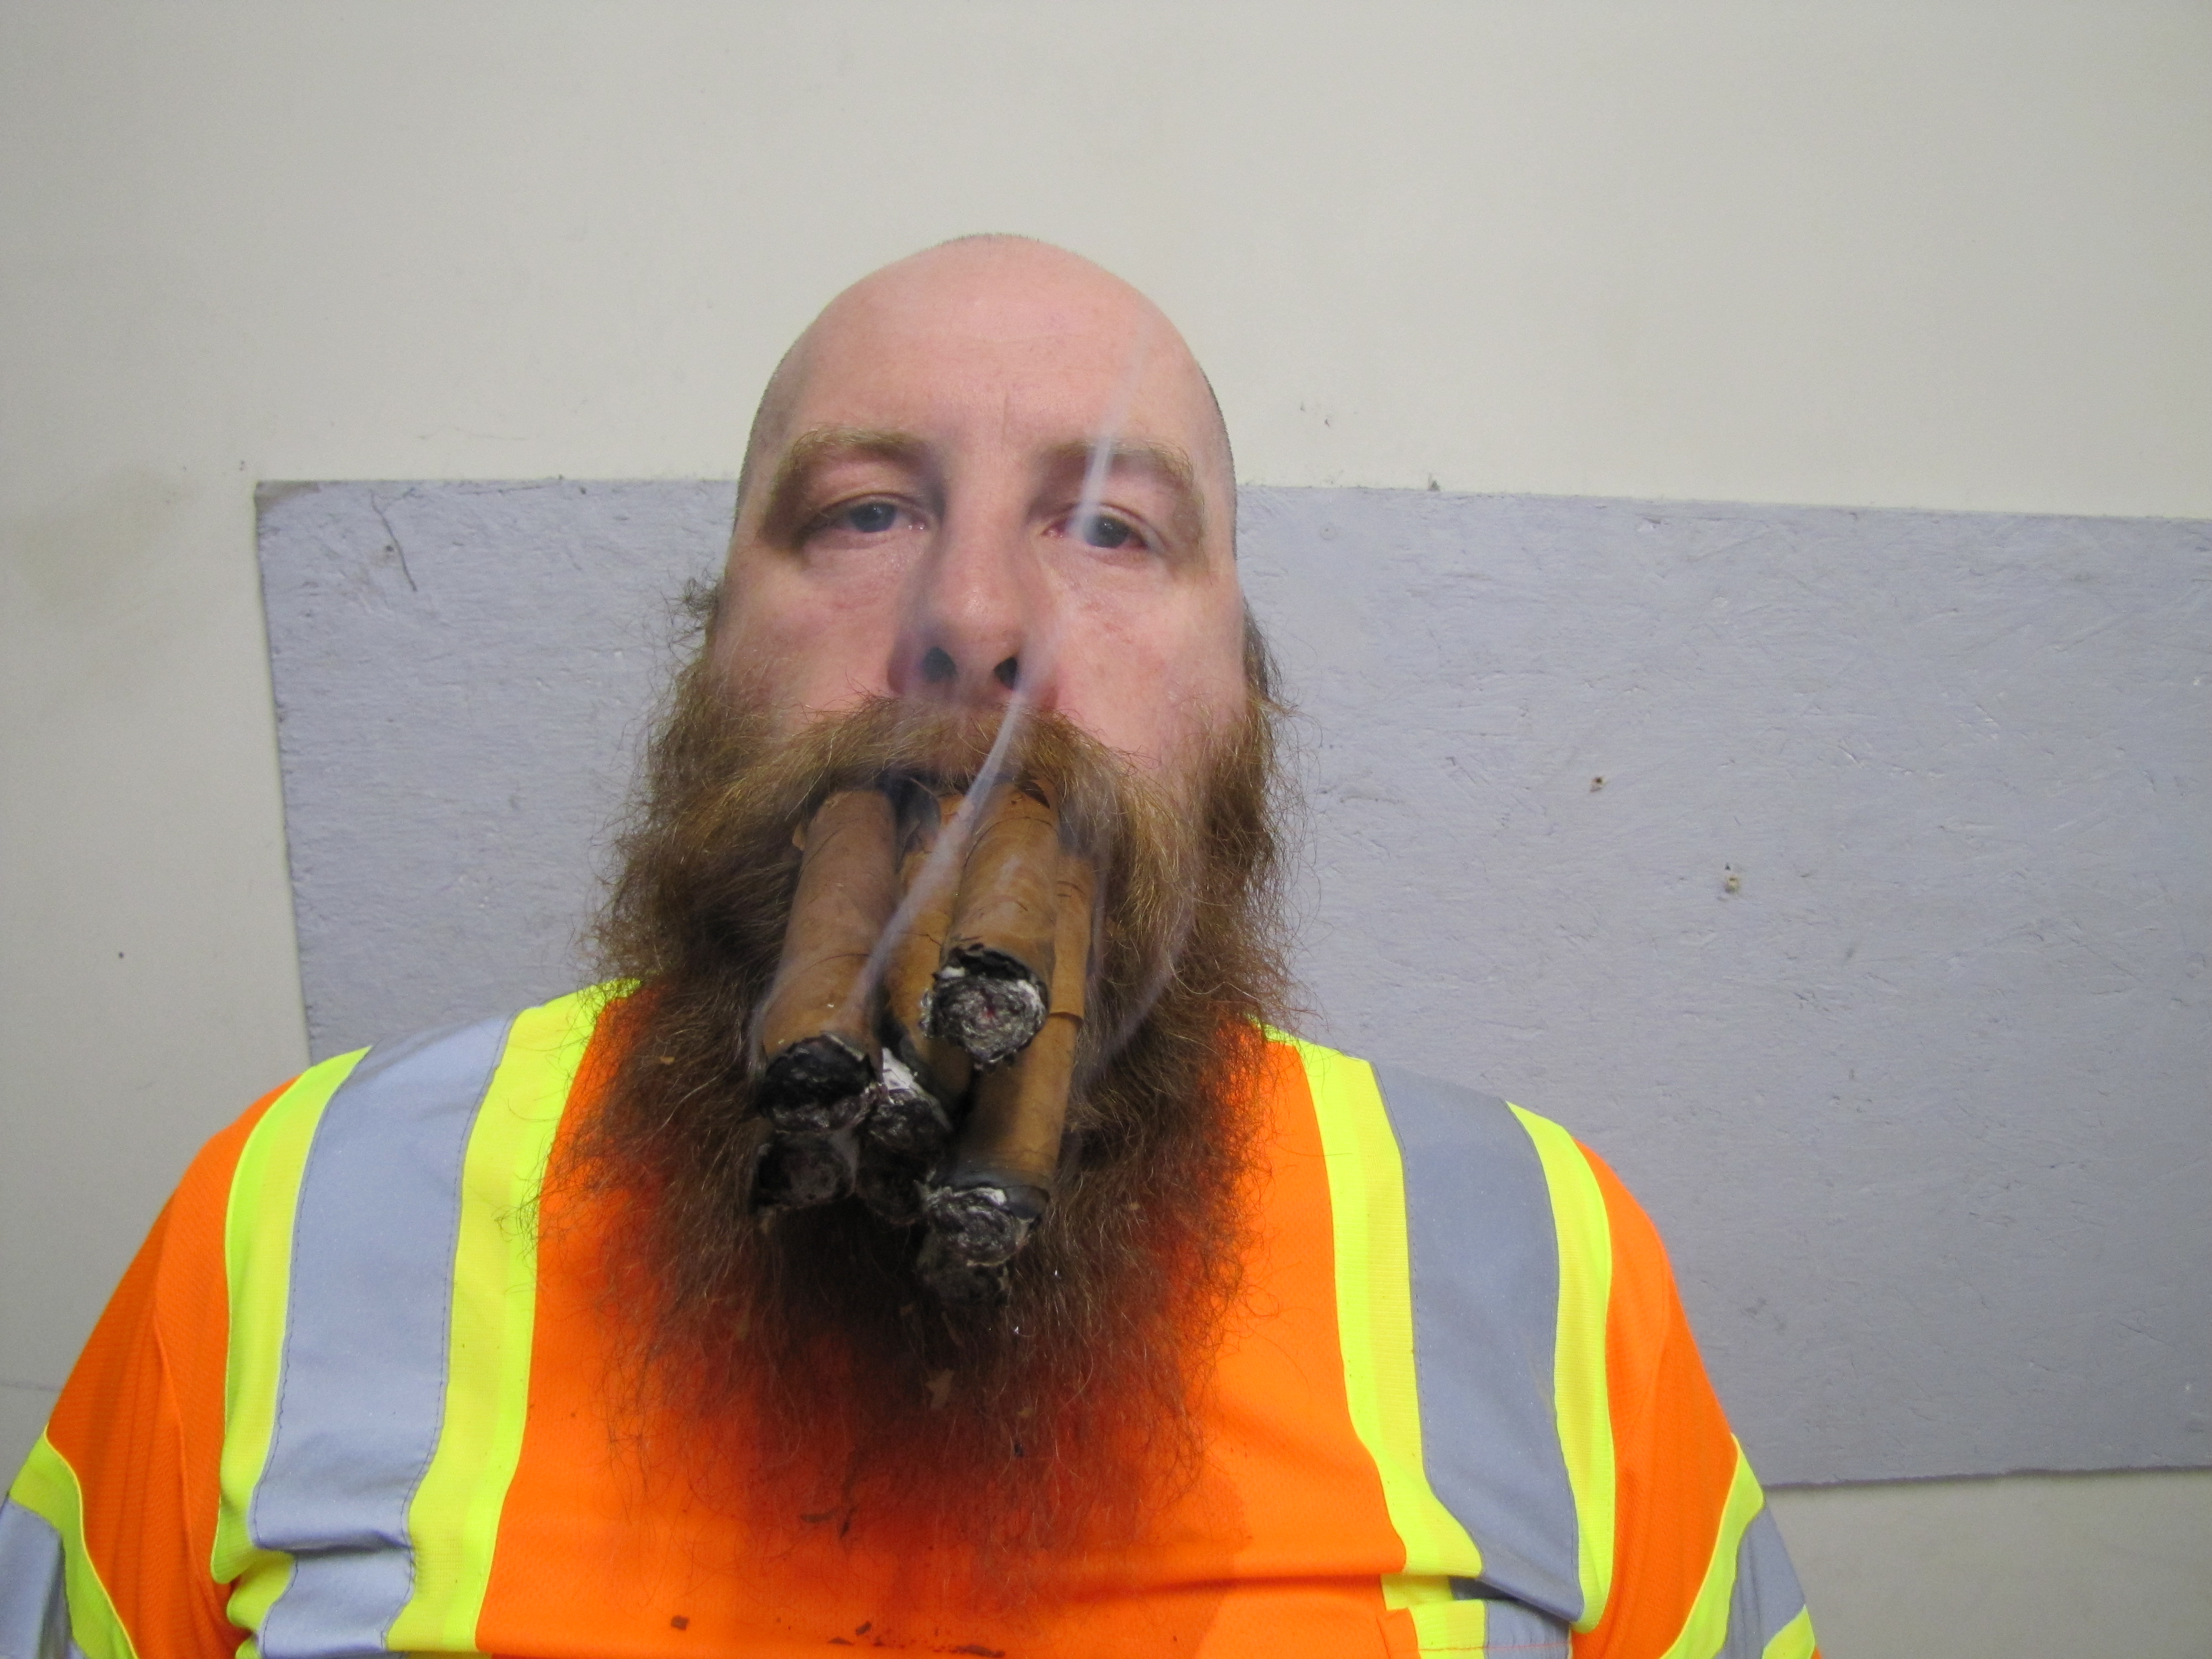 Tobacc&Smoke0308